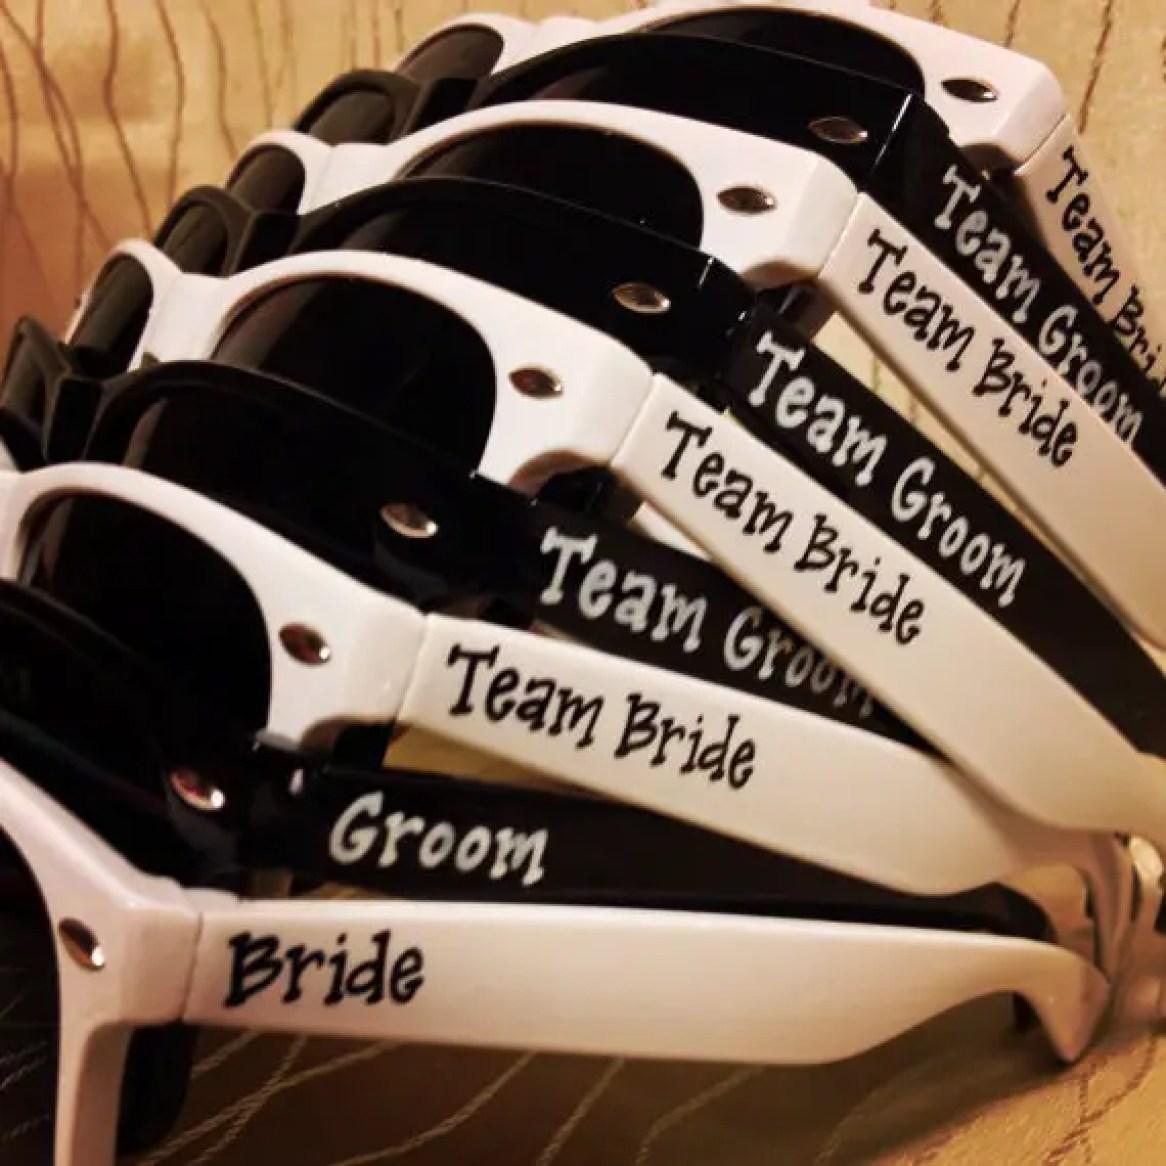 team bride team groom sunglasses